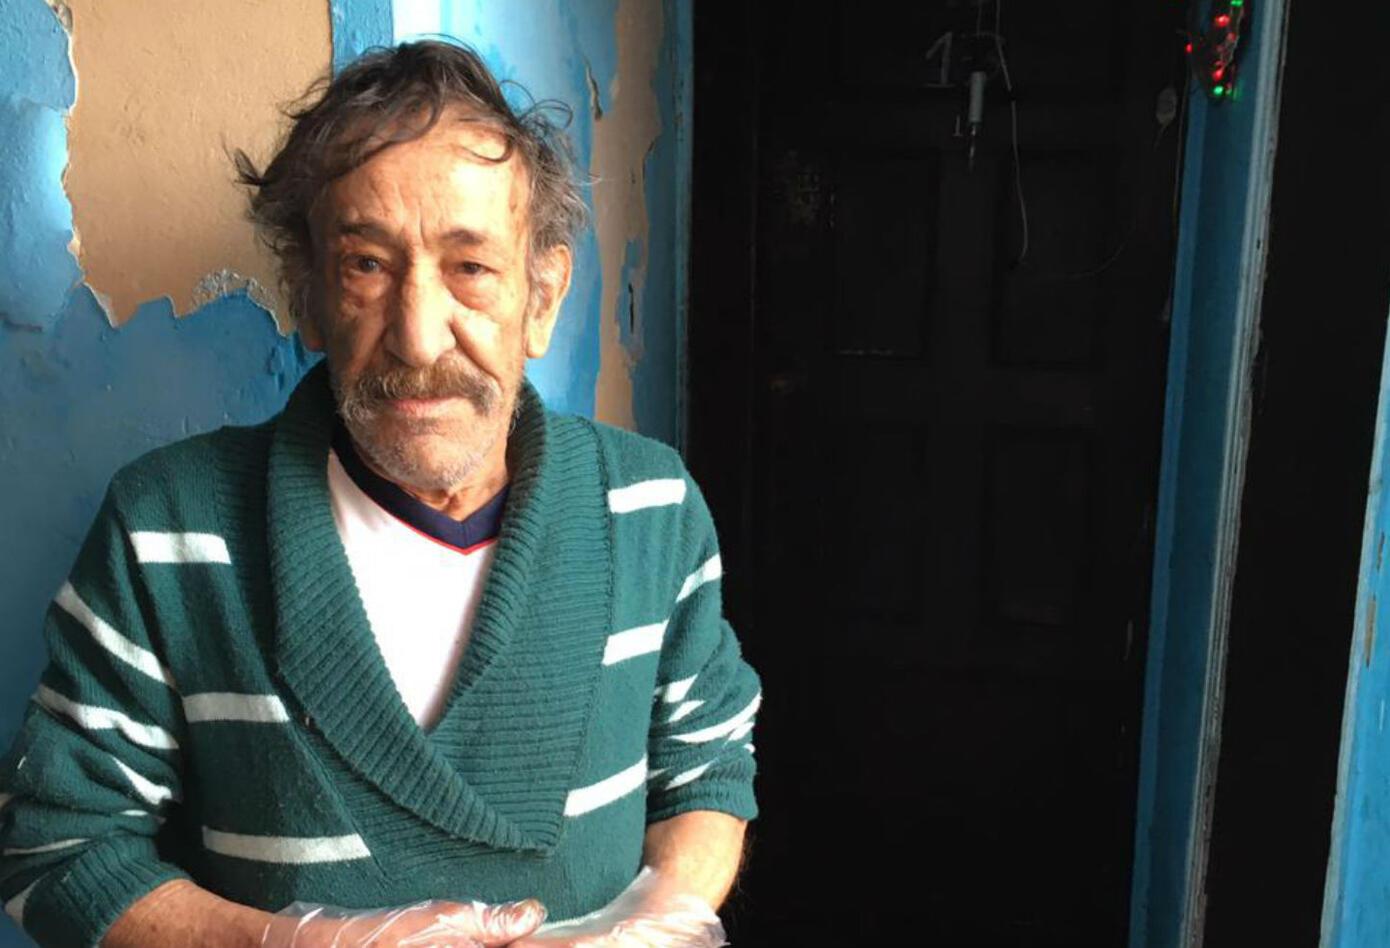 Habitante de calle del Bronx